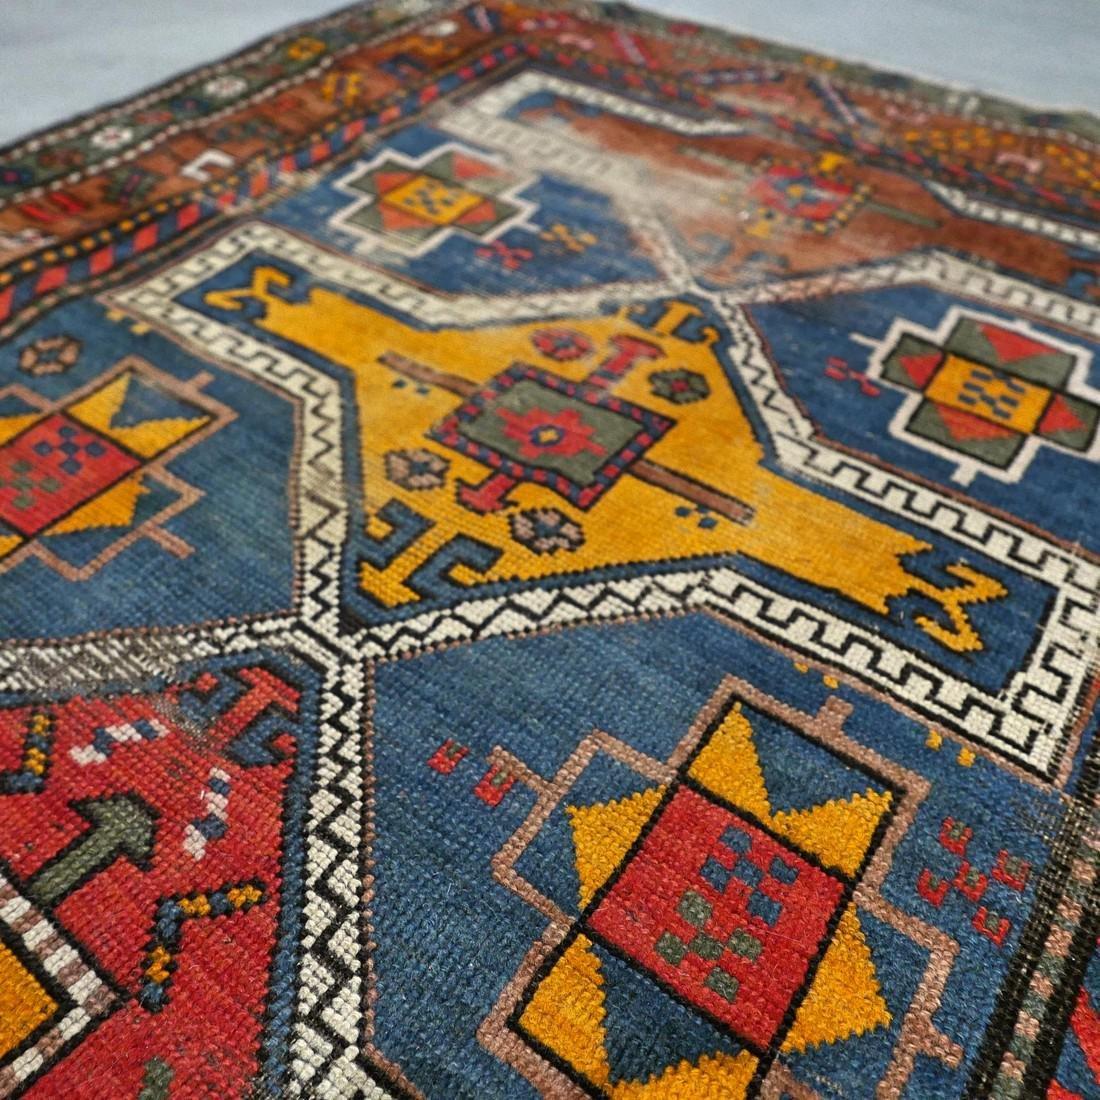 Antique Caucasian Kazak rug - 5.9 x 3.5 - collectors - 6